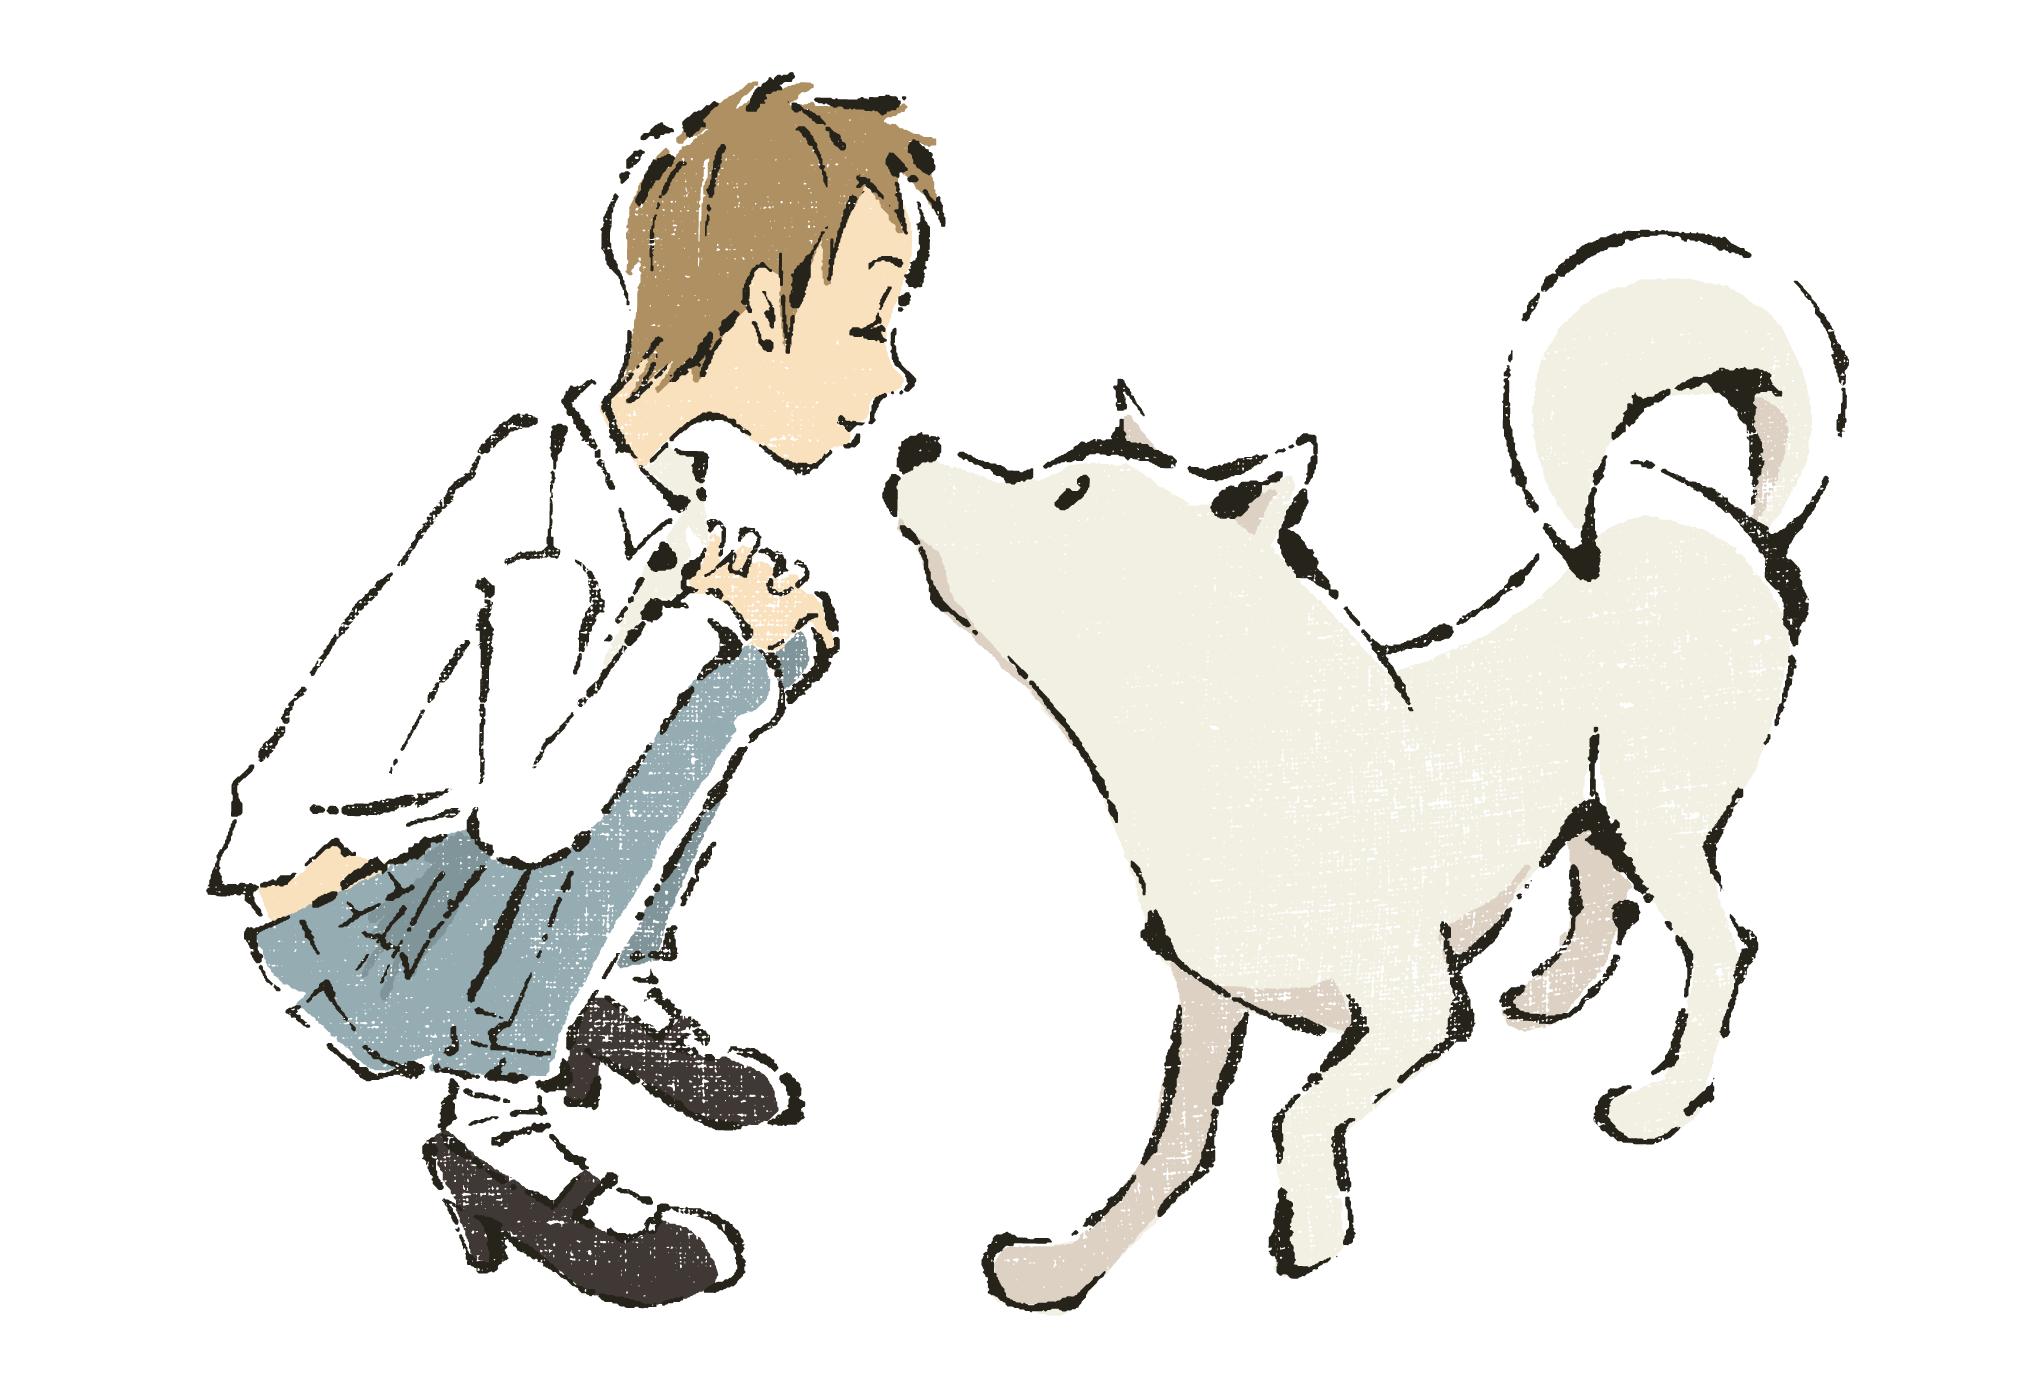 2018年賀状09-1:White dog / redraw 1のダウンロード画像